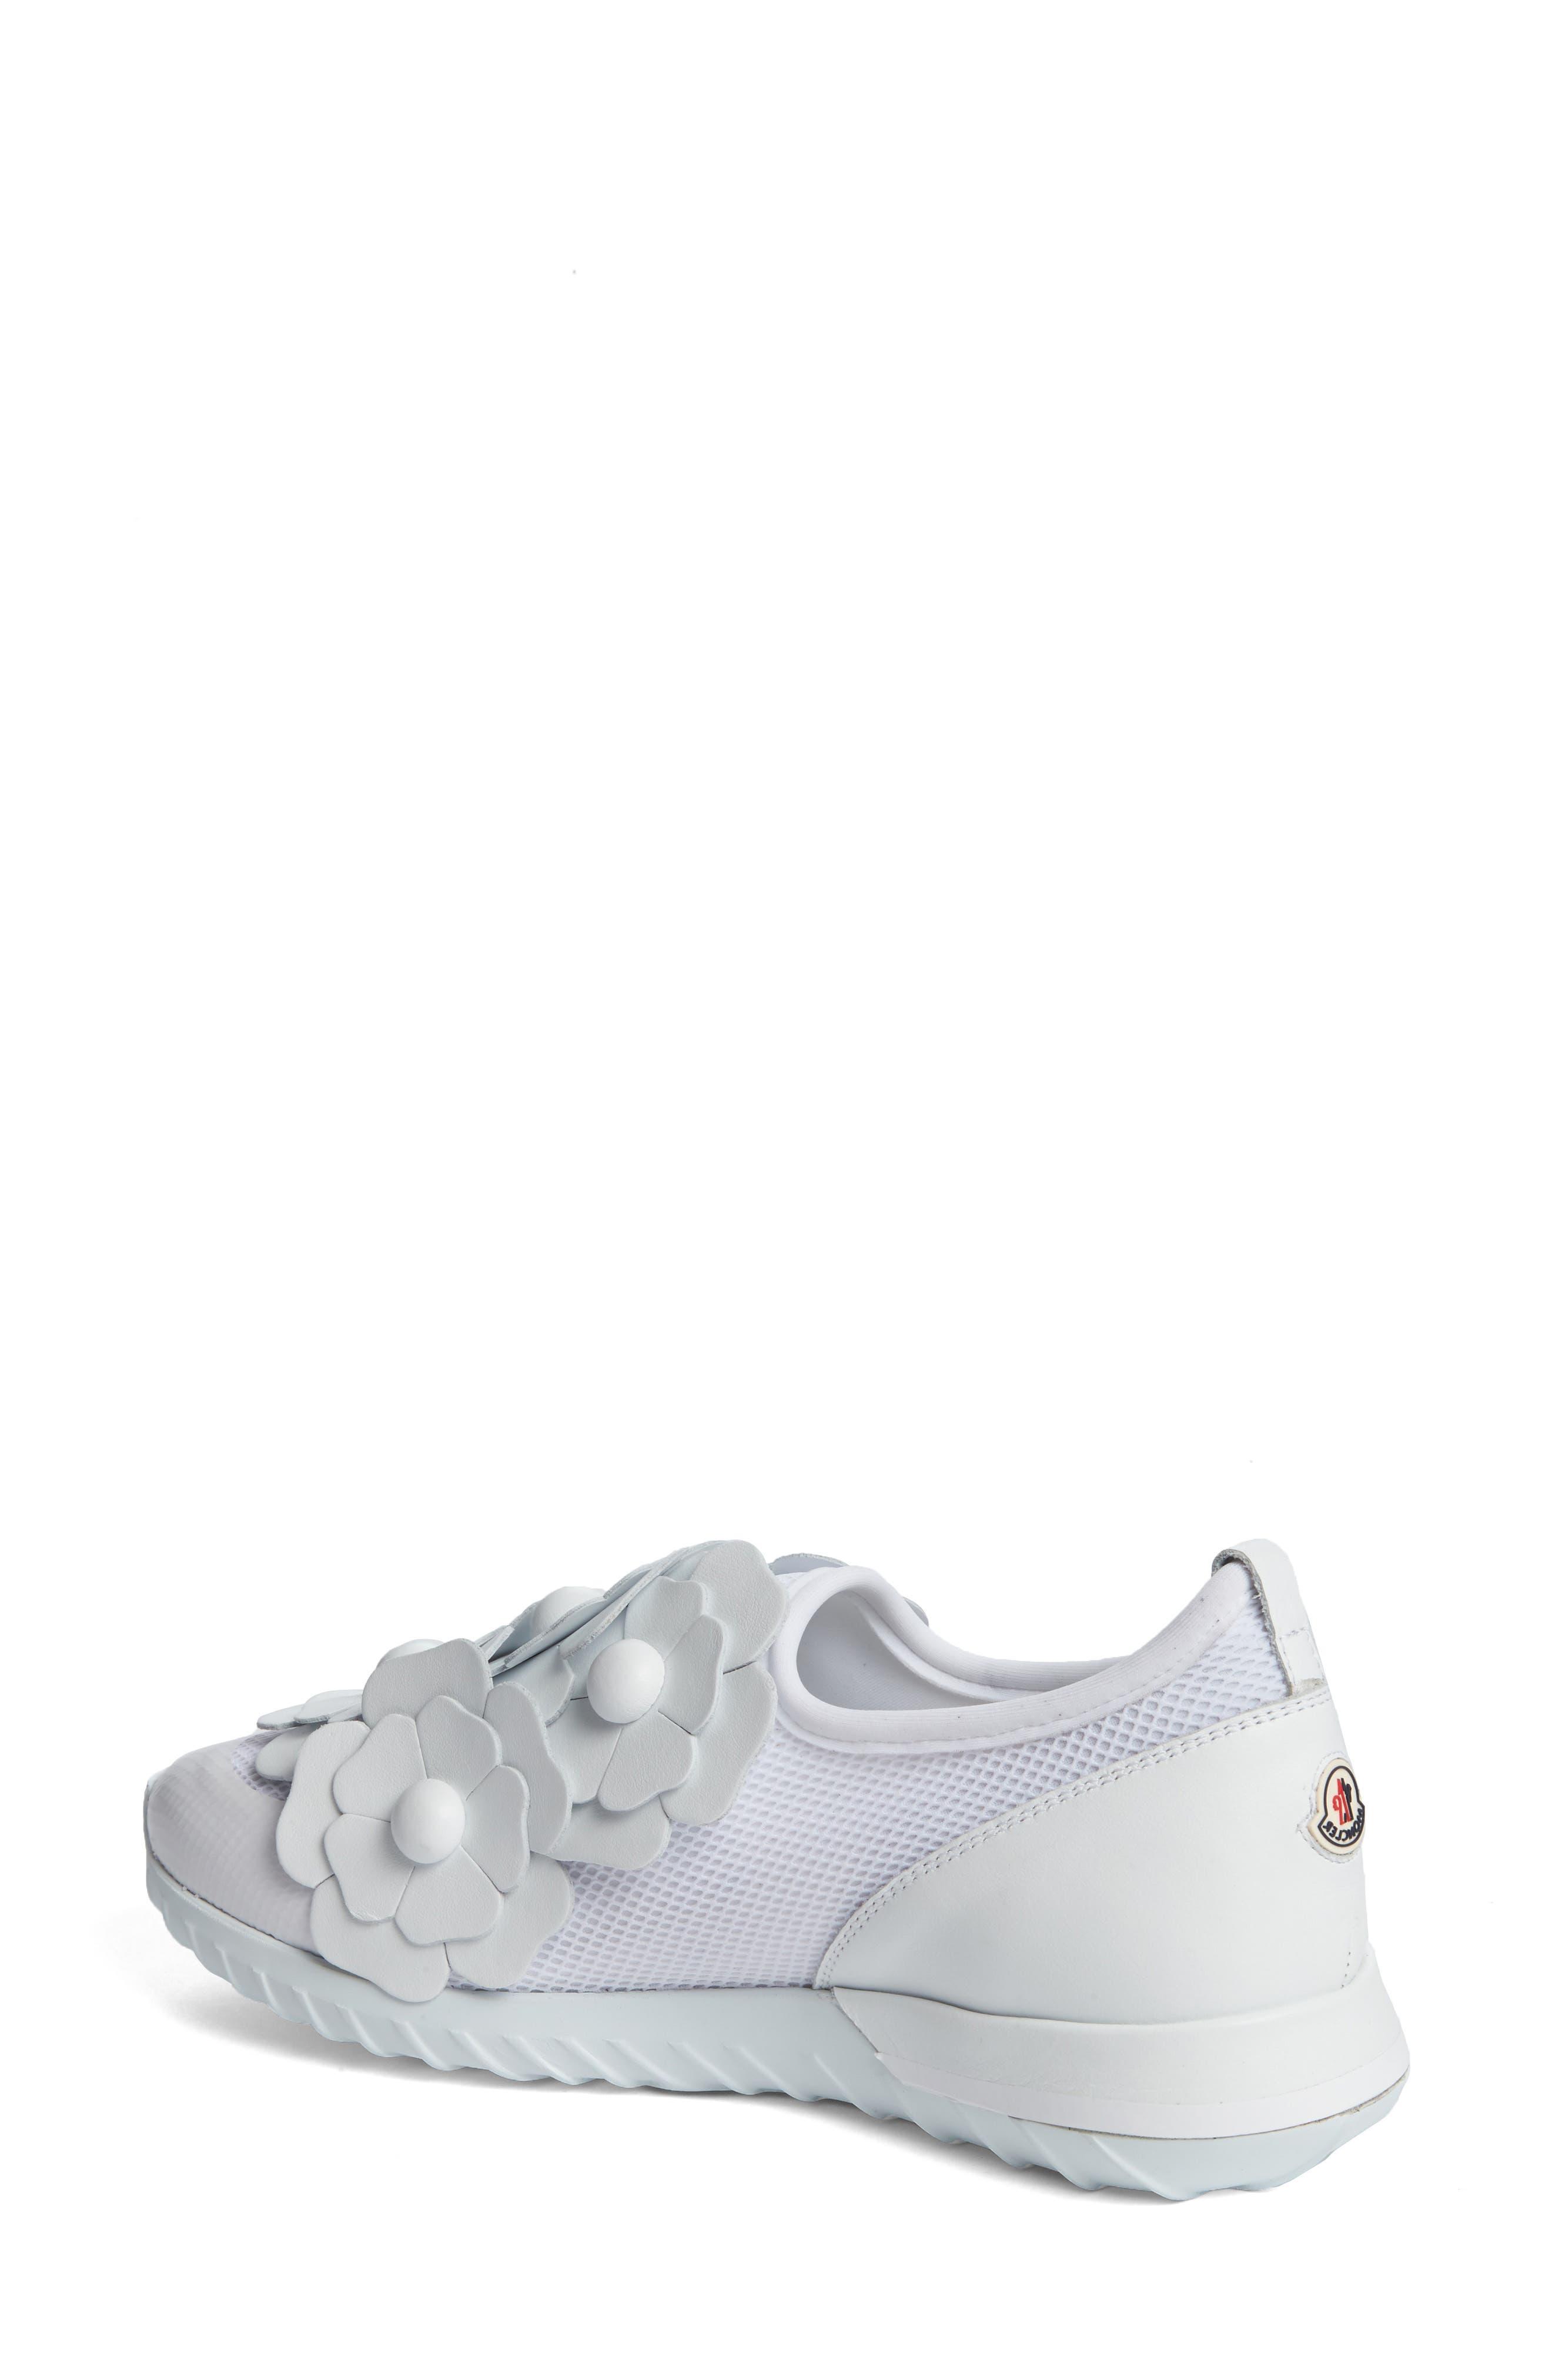 Emy Roseline Slip-On Sneaker,                             Alternate thumbnail 2, color,                             White Leather